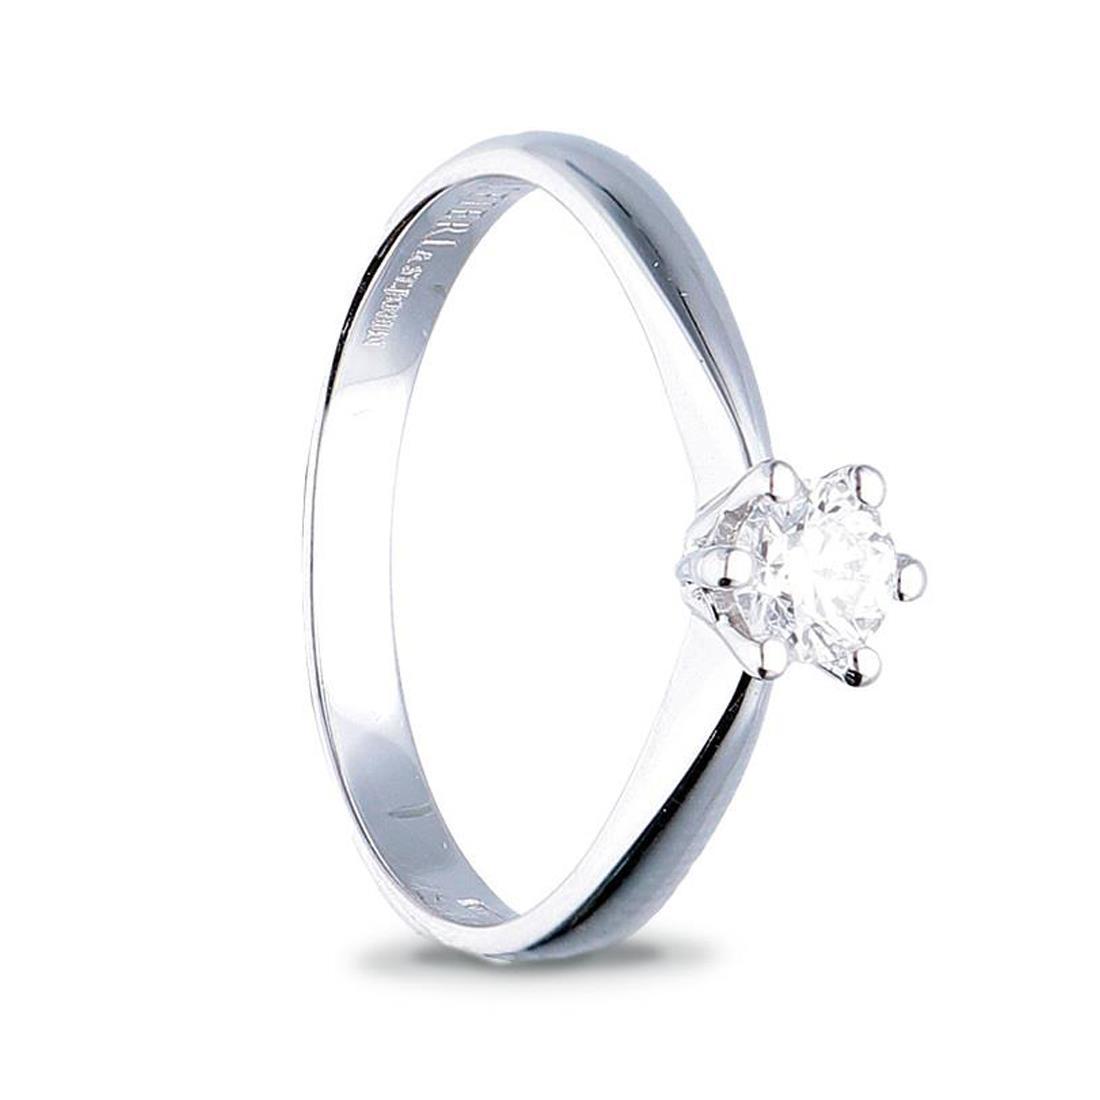 Anello solitario in oro bianco con diamante ct. 0,50 - ALFIERI & ST. JOHN